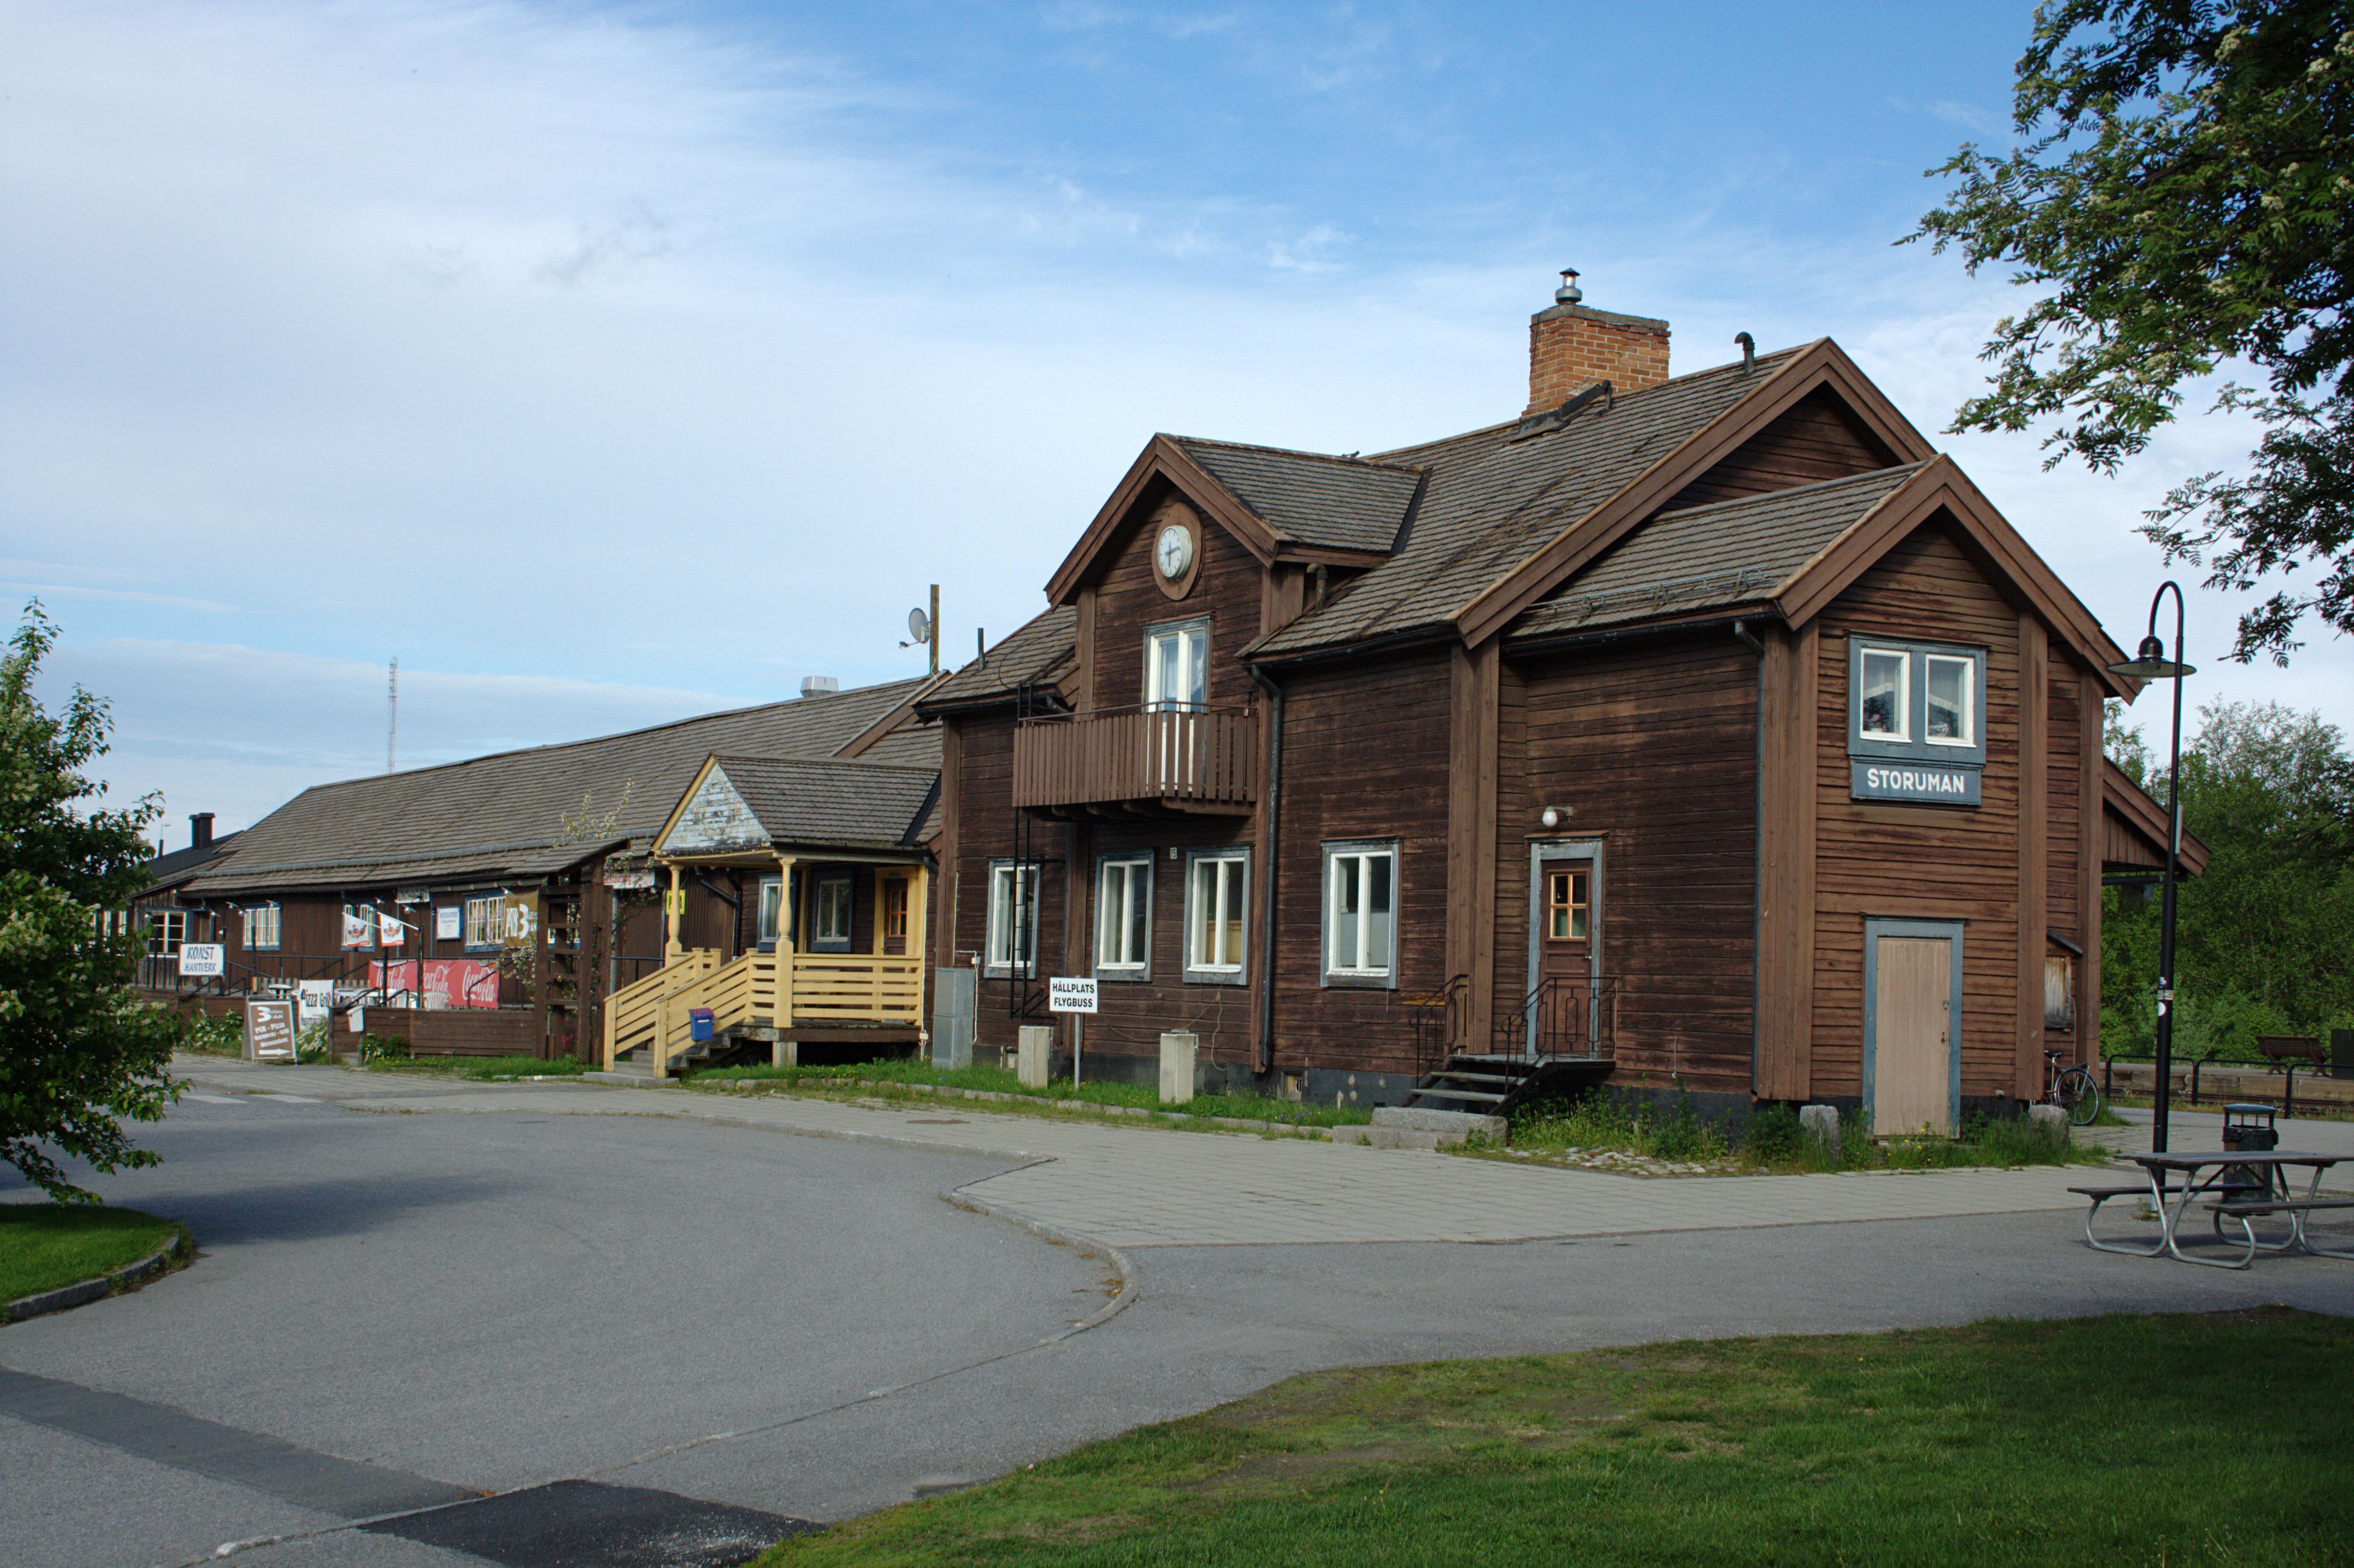 Events, Hemavan Trnaby - Accommodations, Hemavan